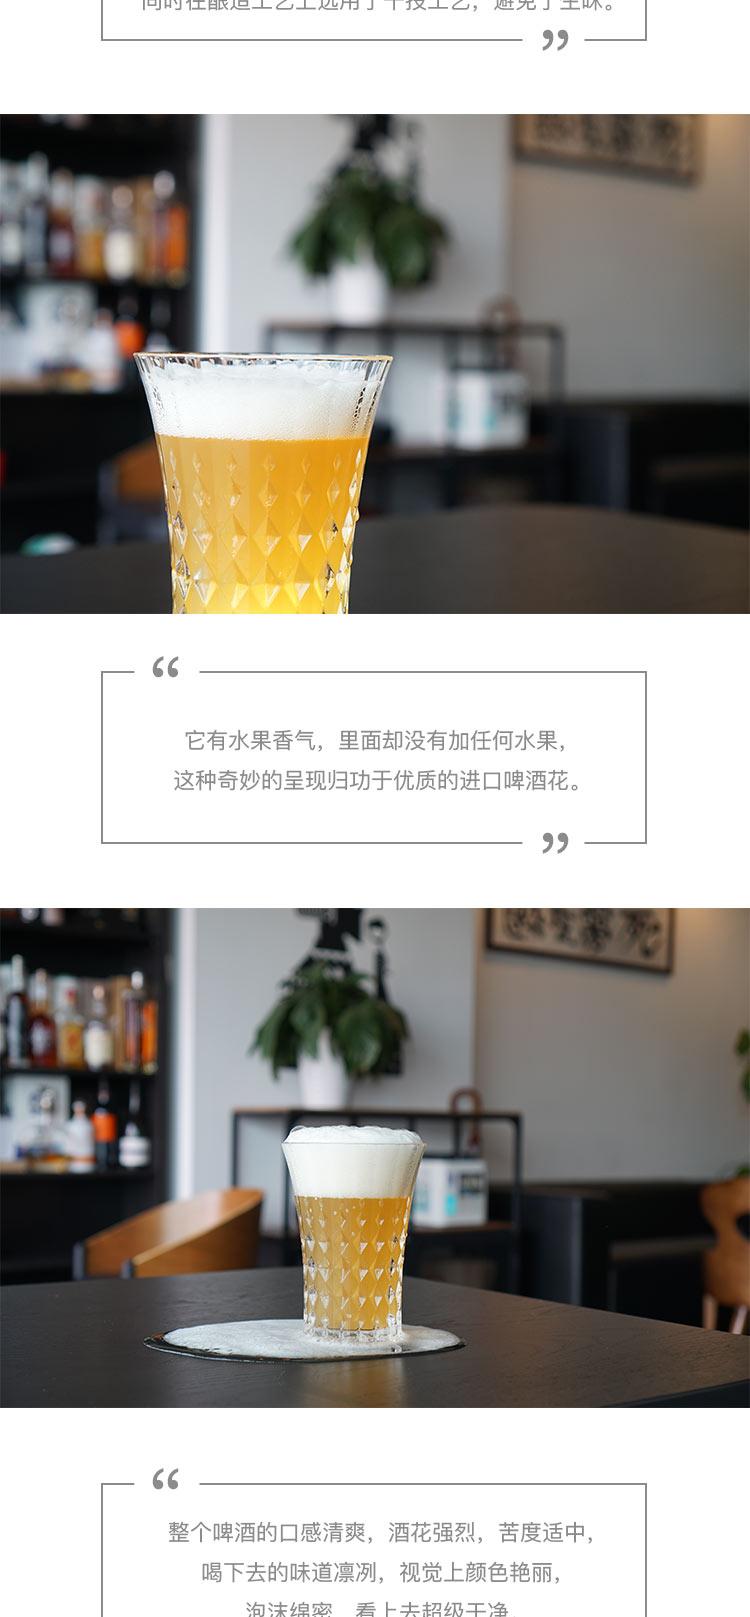 PUSH-IPA精酿啤酒详情页最终版-6.0_03.jpg